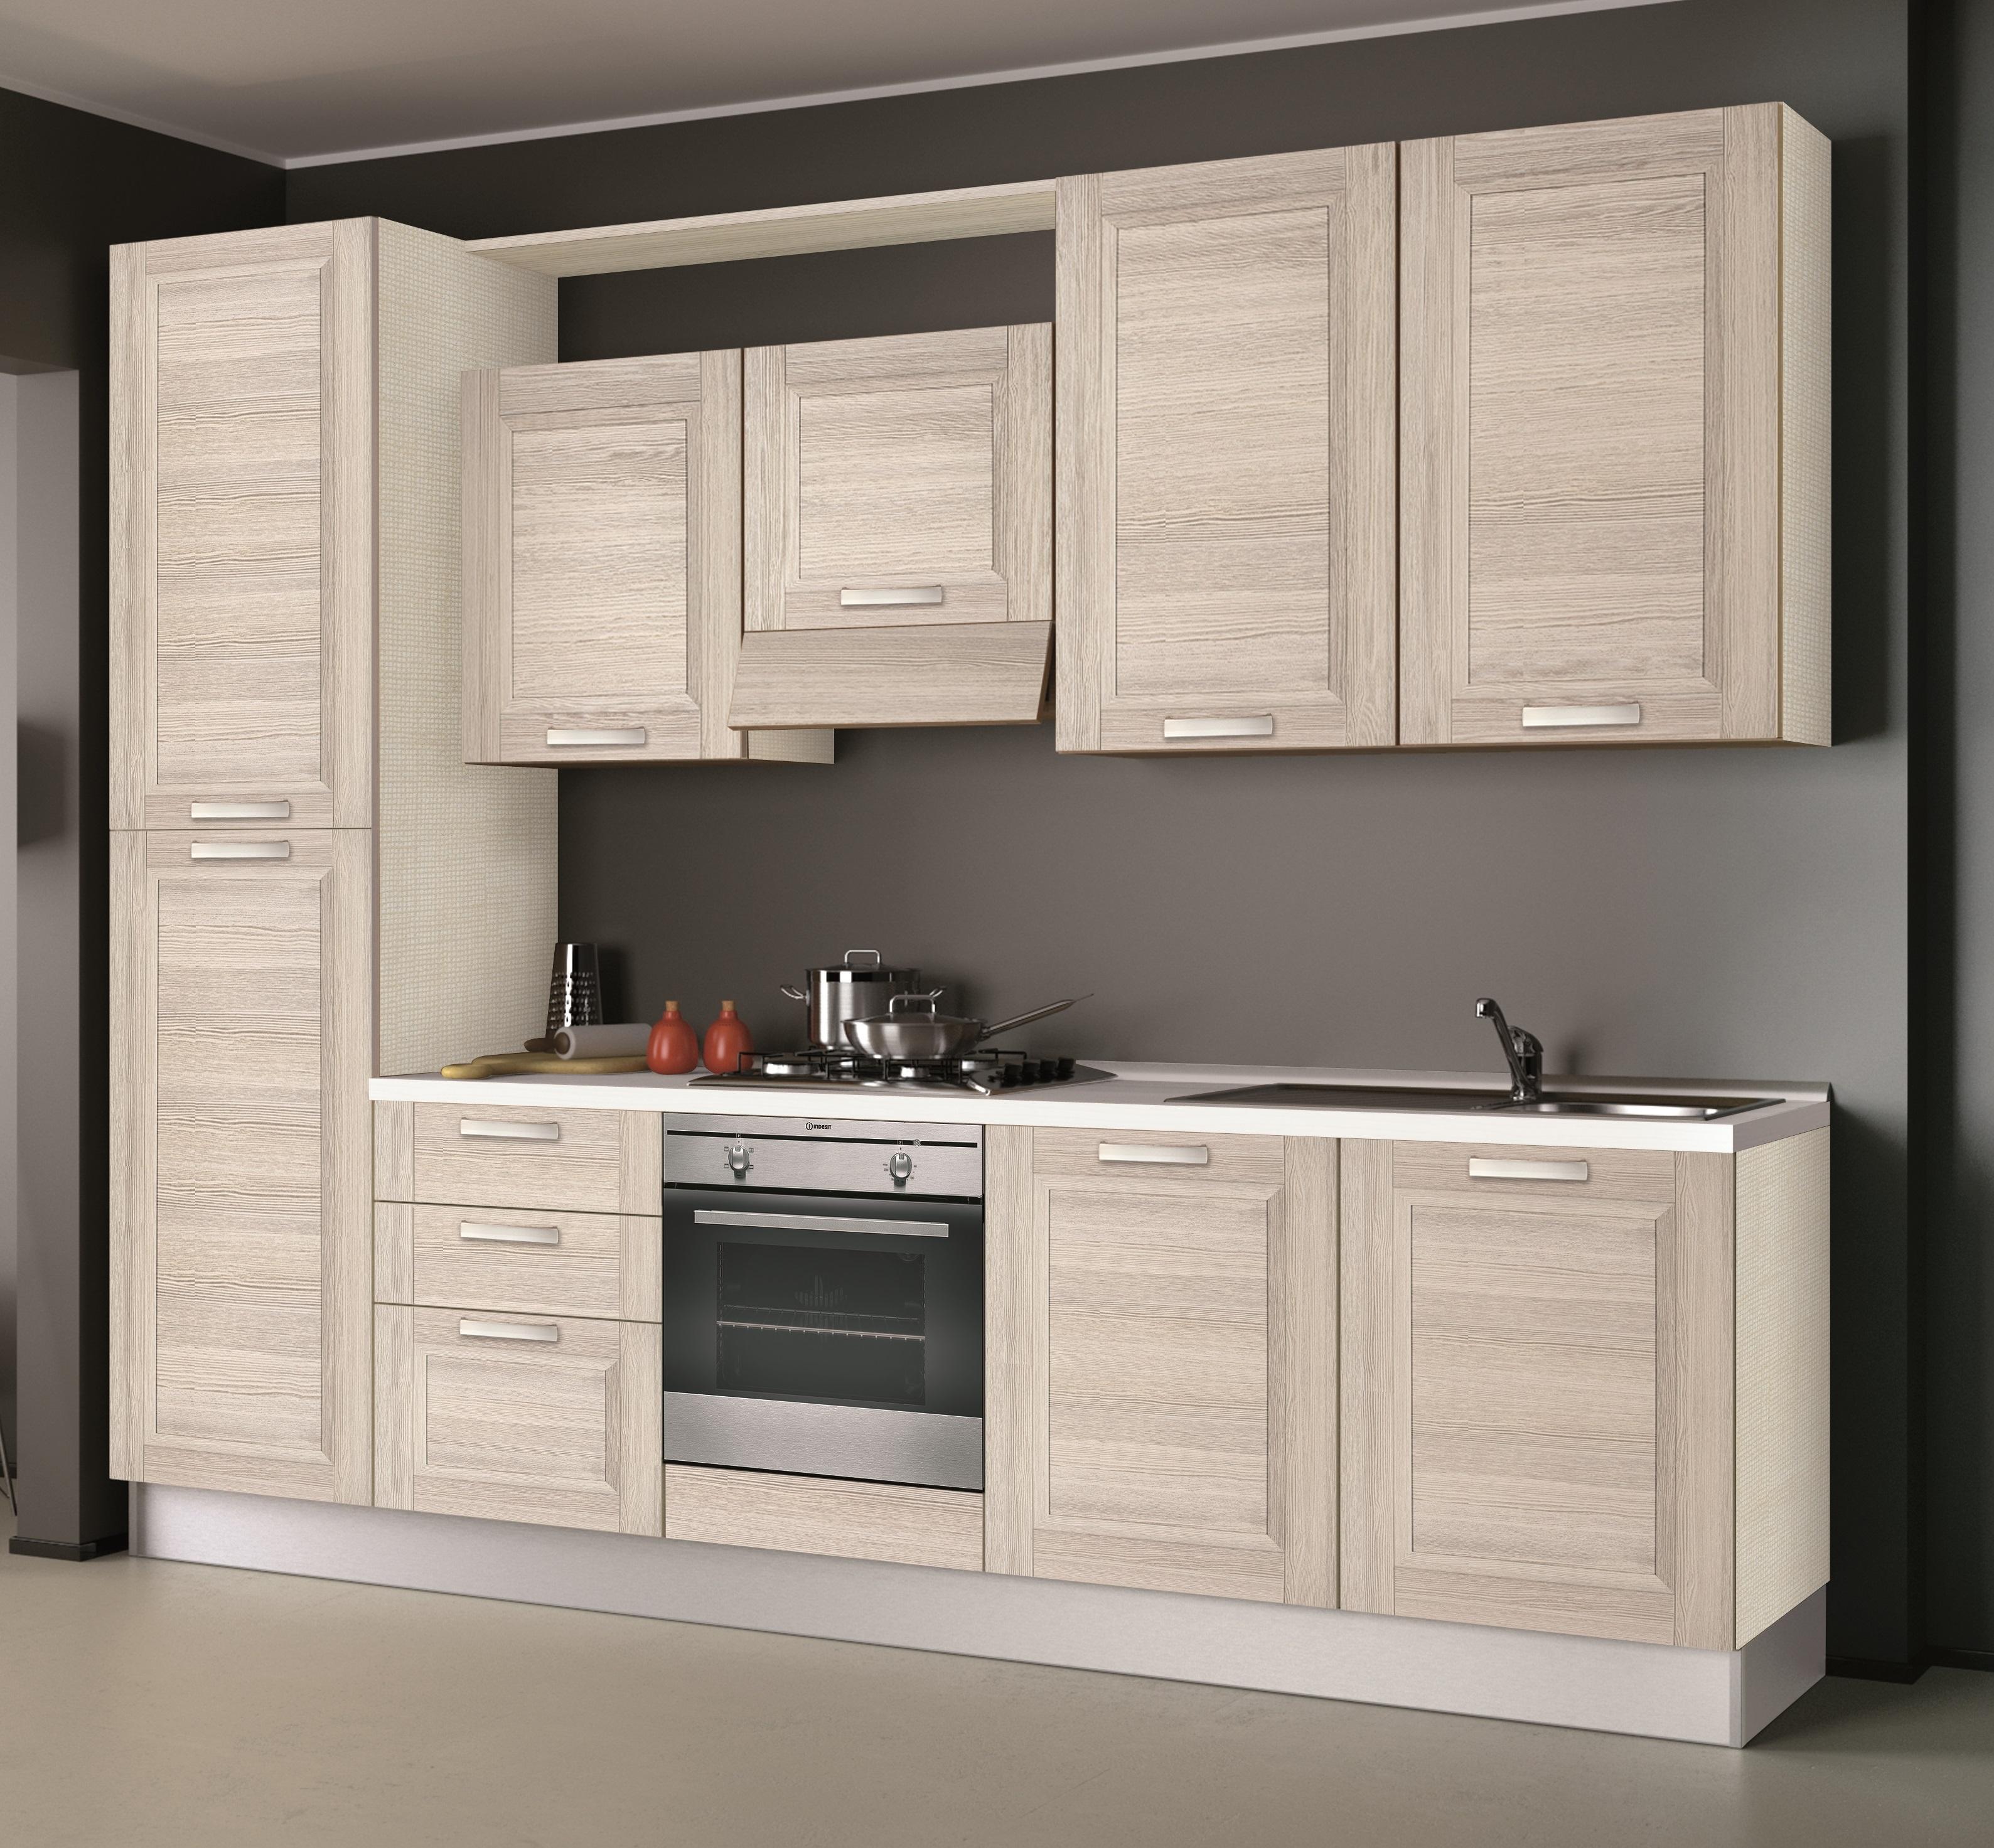 Cucine 3 Metri Lineari. Great Di Cucina Su Misura With Cucine 3 ...